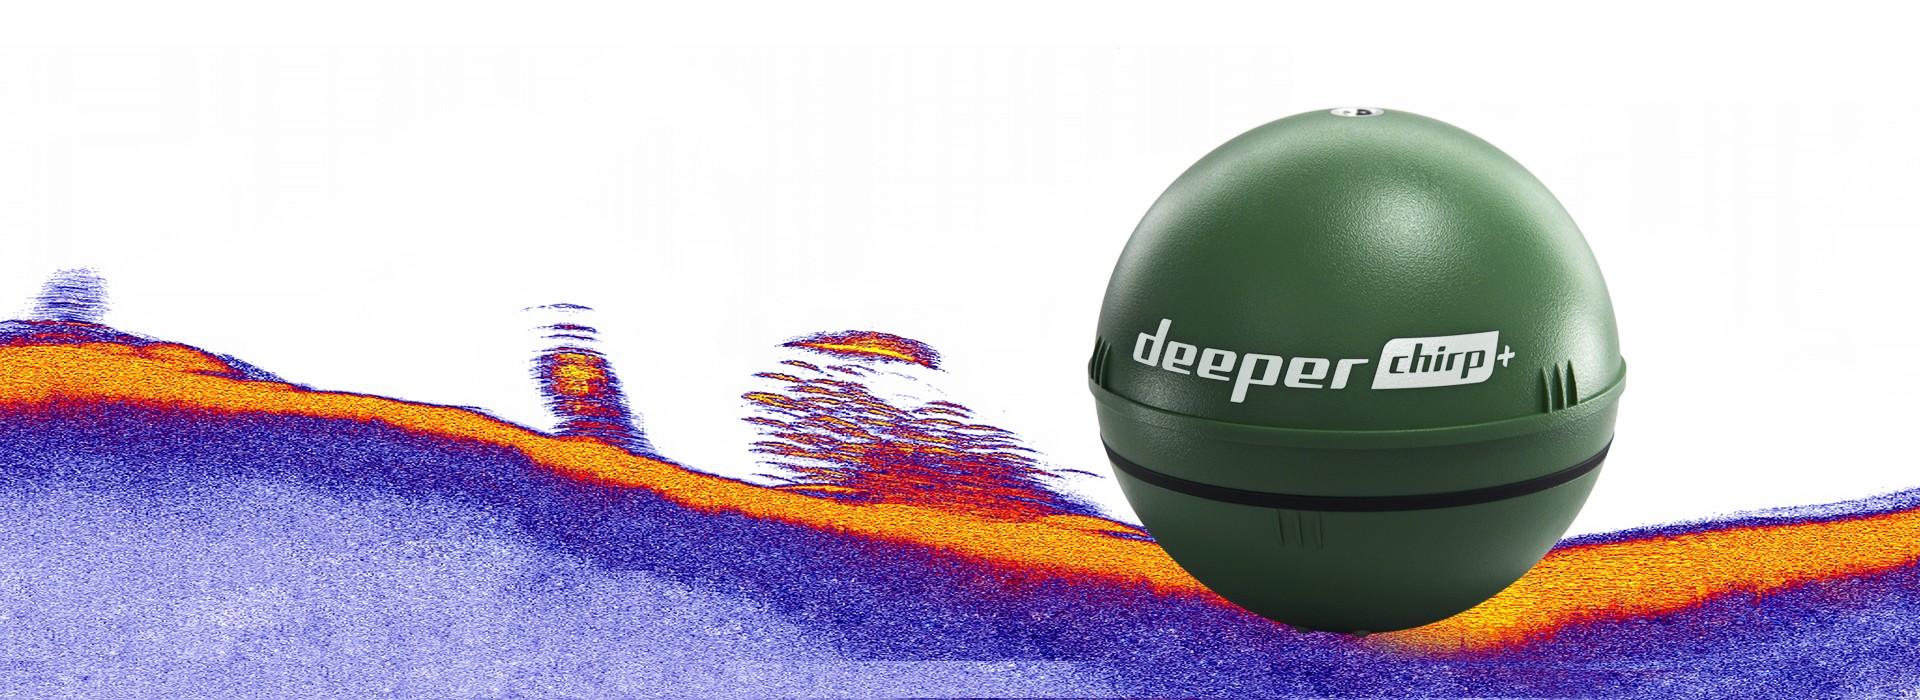 Fremtidens fiskeVerdens eneste kastbare CHIRP ekkolodd med innebygd GPS